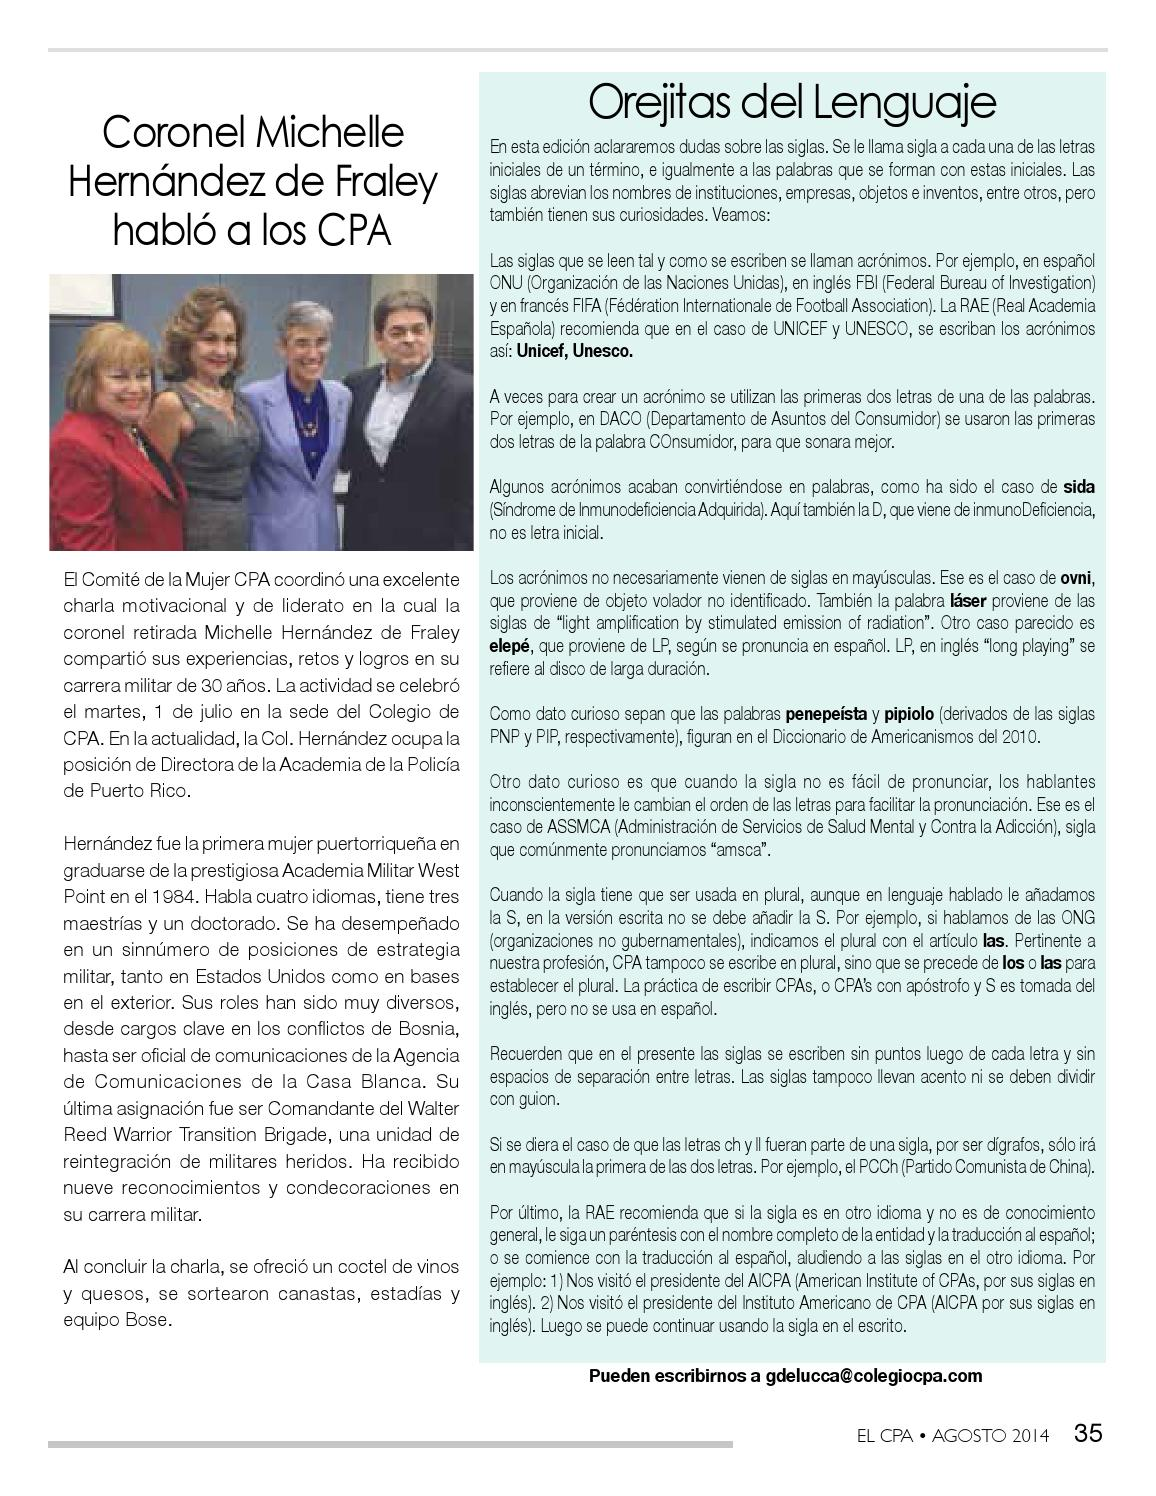 El Cpa Agosto 2014 By Colegio De Cpa Pr Issuu